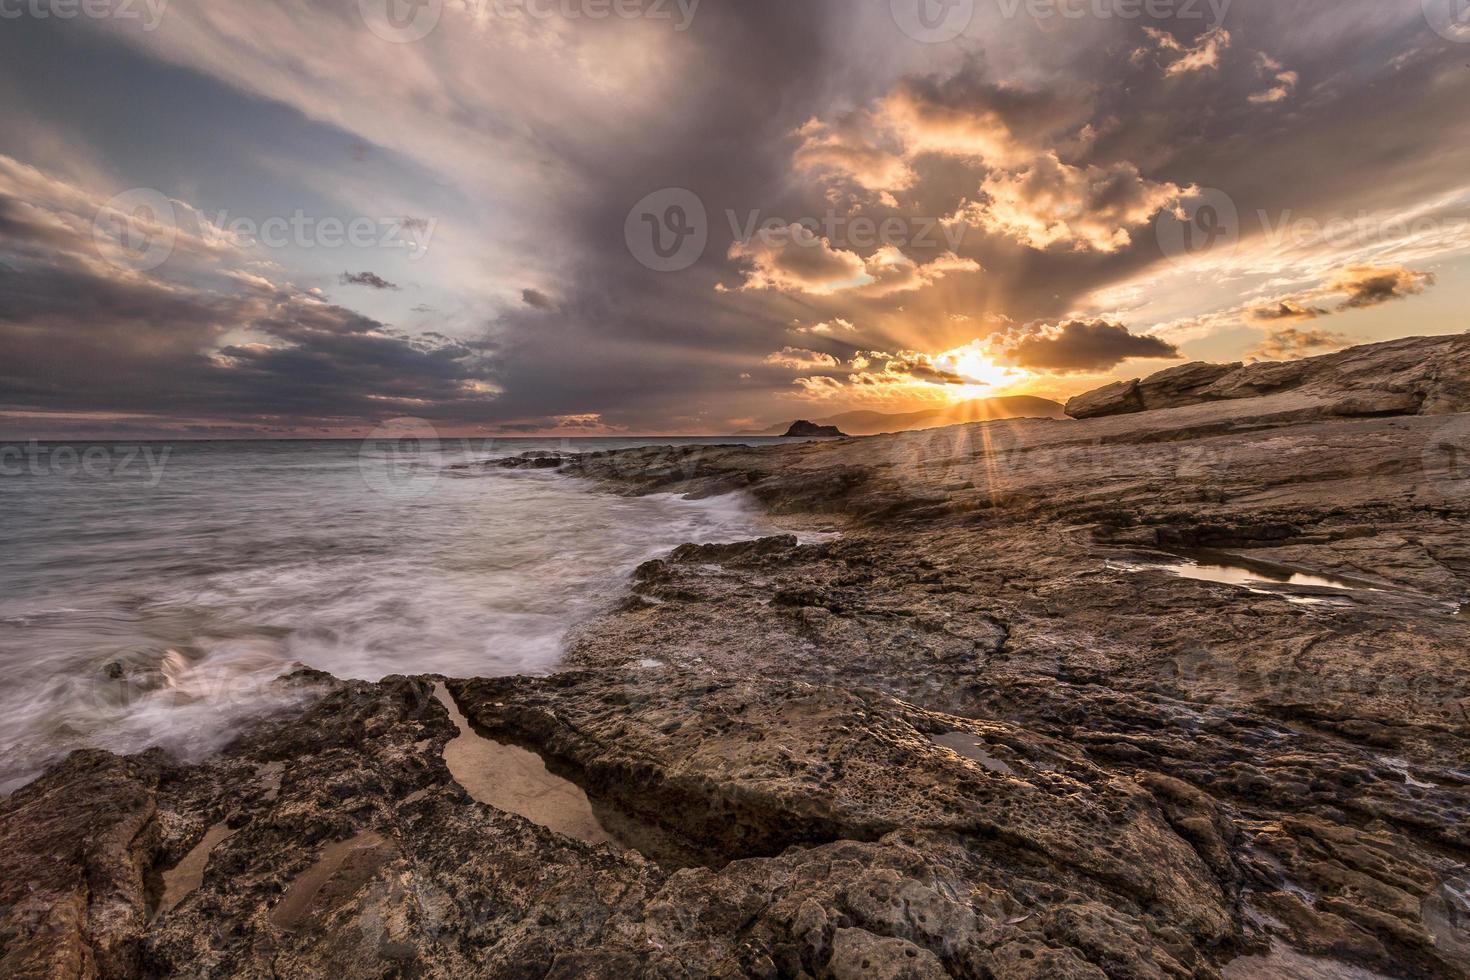 Sonnenuntergang auf den Felsen der Karpathosinsel. foto